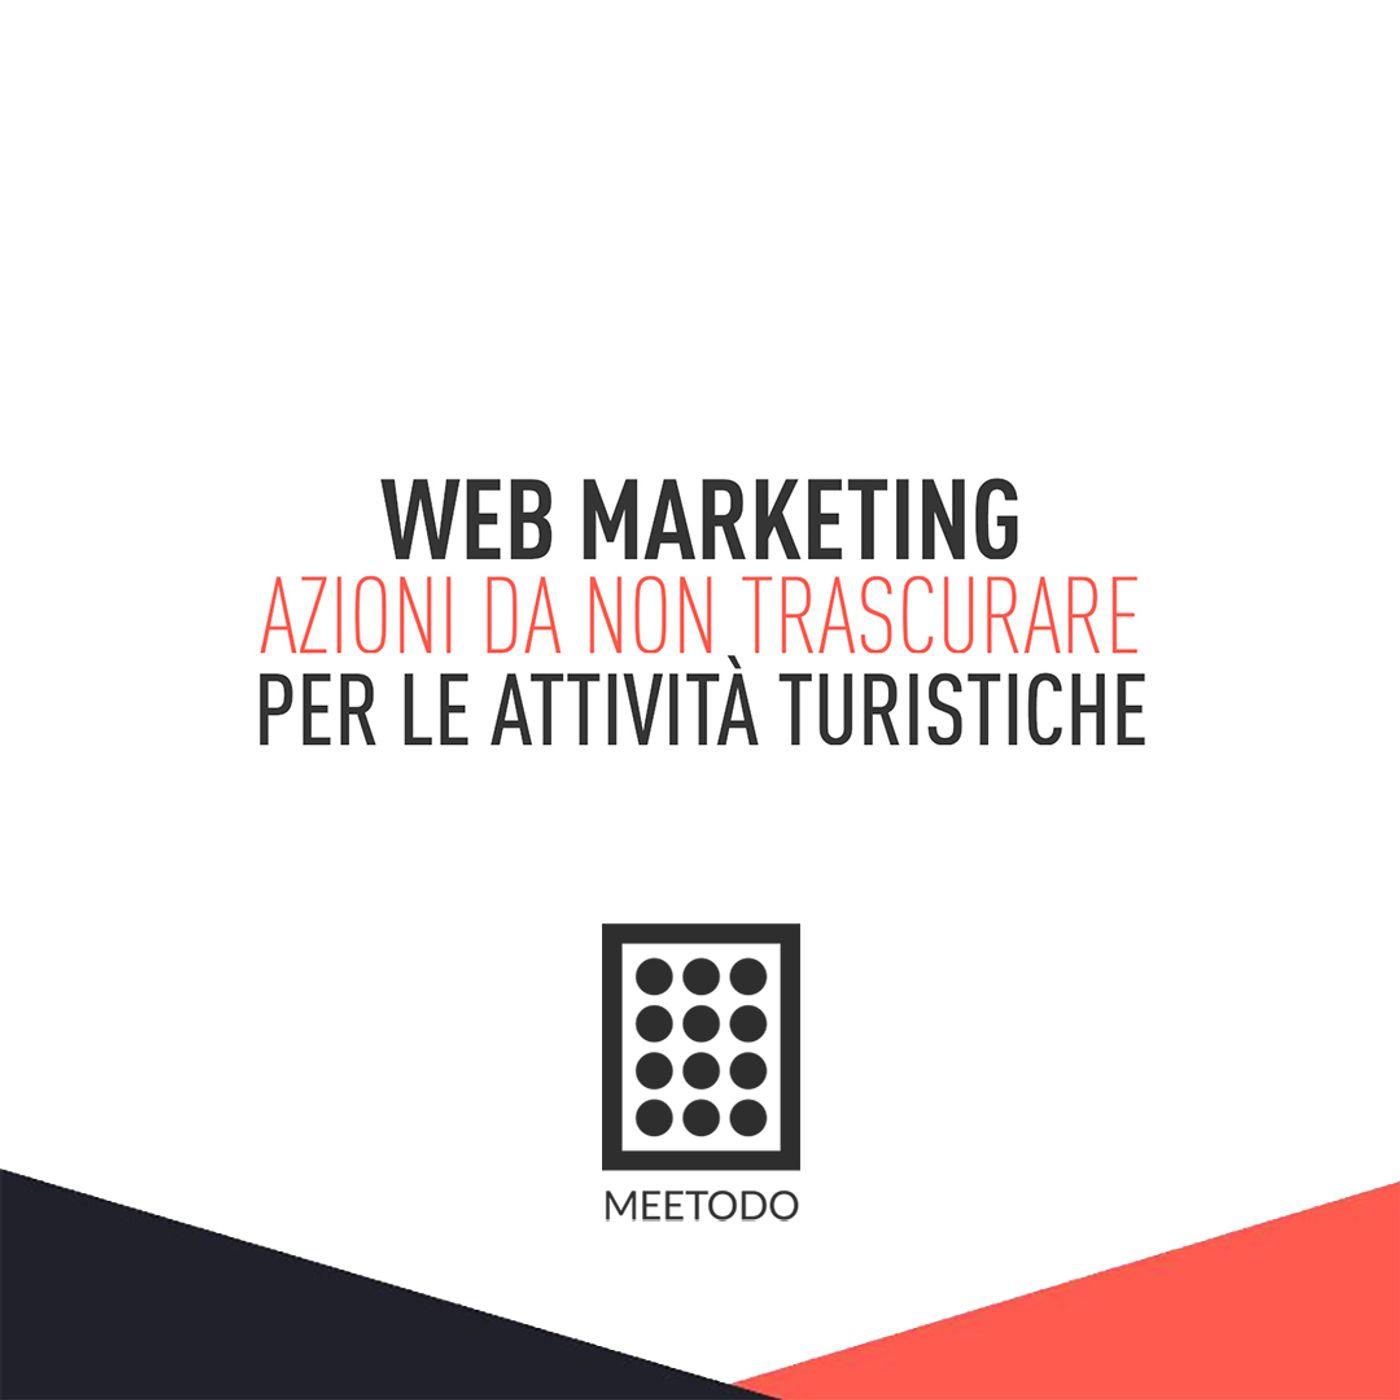 Azioni di web marketing che l'attività turistica non deve trascurare